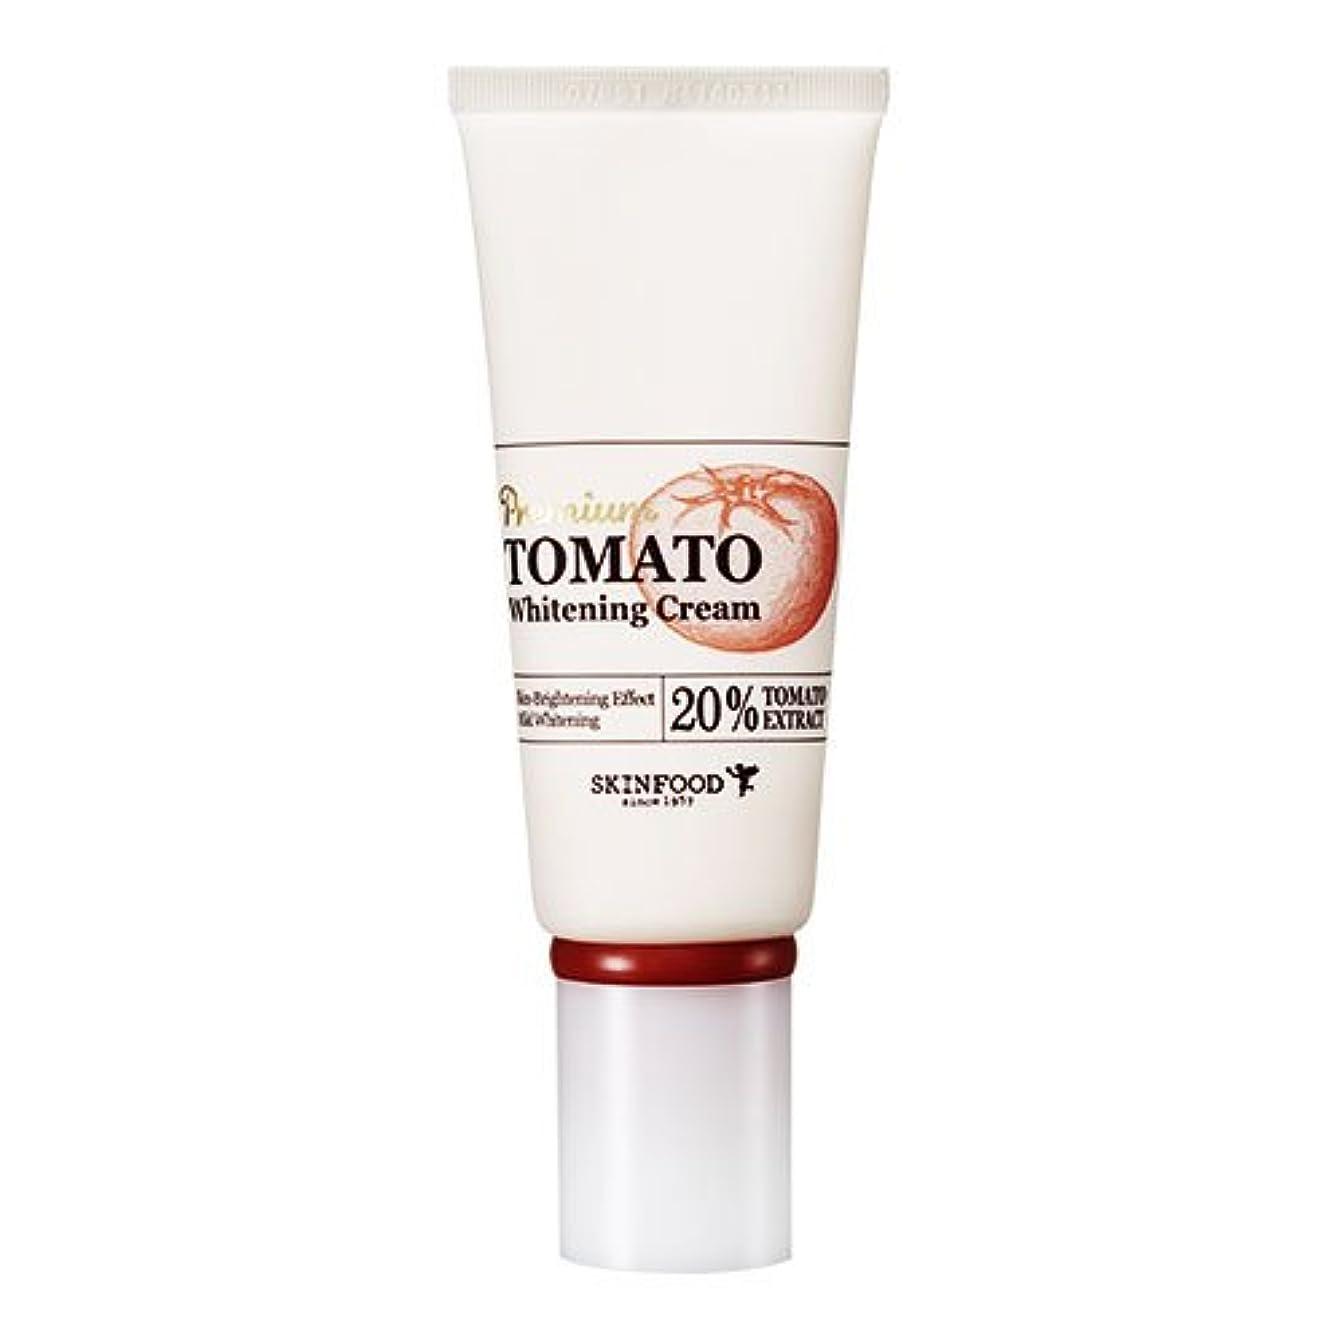 残基スノーケル疑い者Skinfood プレミアムトマトホワイトニングクリーム(美白効果) / Premium Tomato Whitening Cream (Skin-Brightening Effect) 50g [並行輸入品]